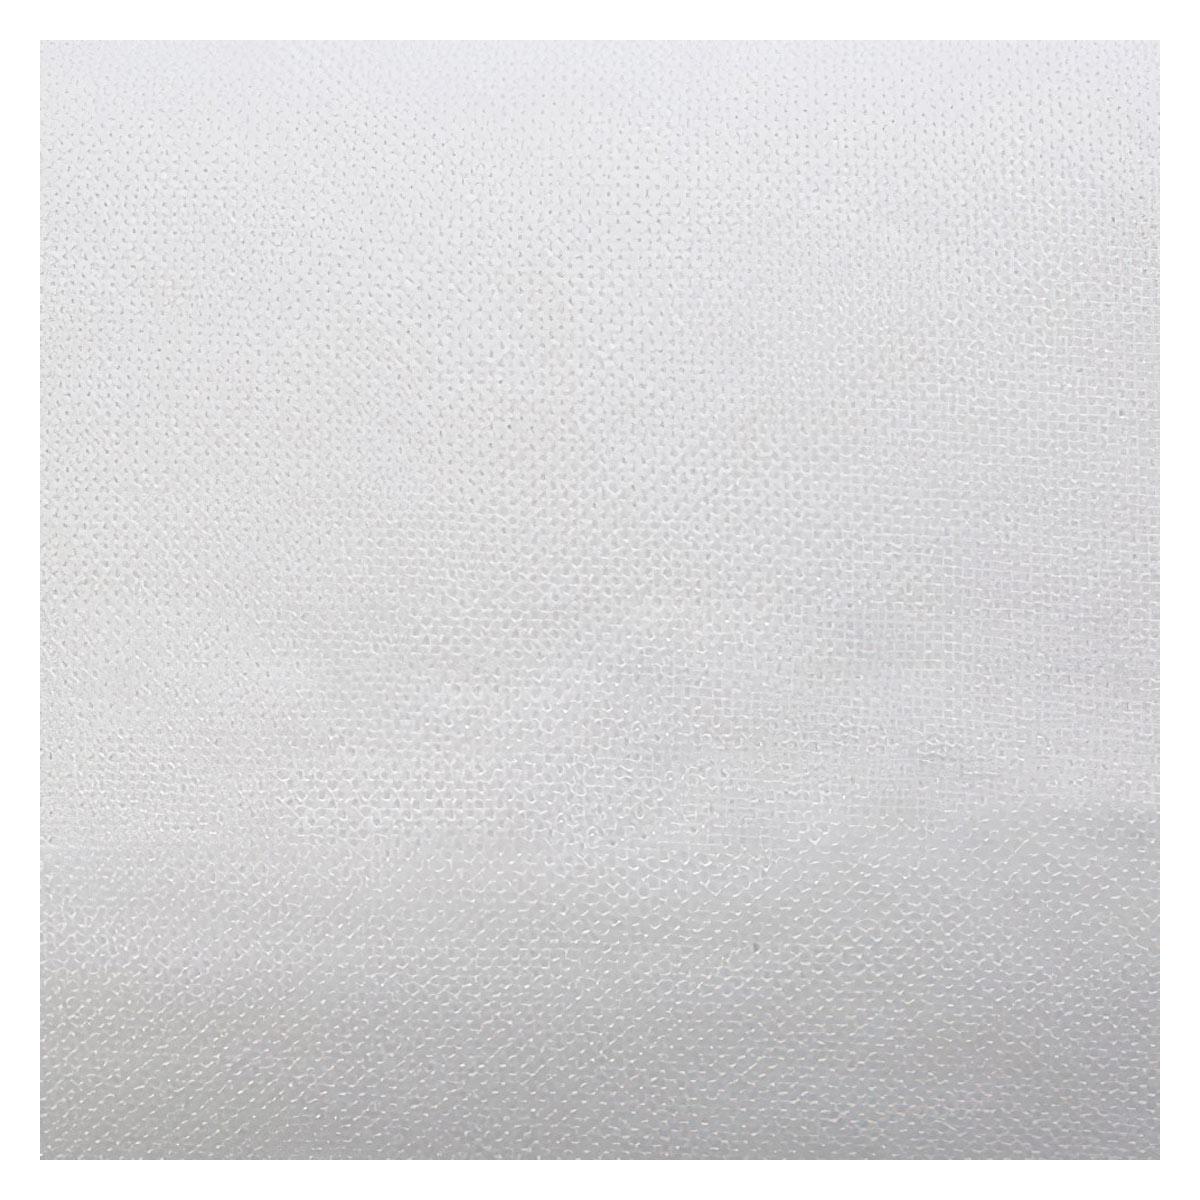 0536-0415 Водорастворимый флизелин 60гр/м2, 38 С 100см*100м белый